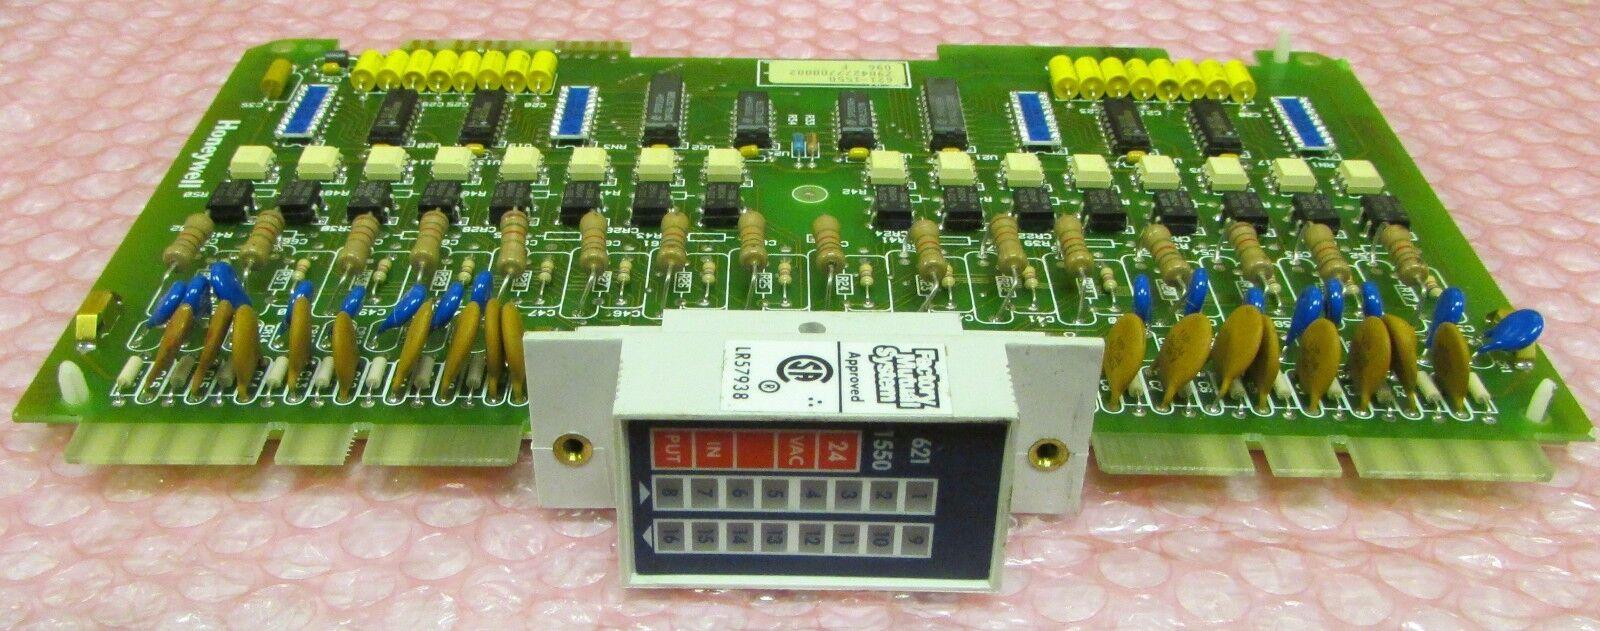 Honeywell 621 1550 Isolated Input Module 621-1550